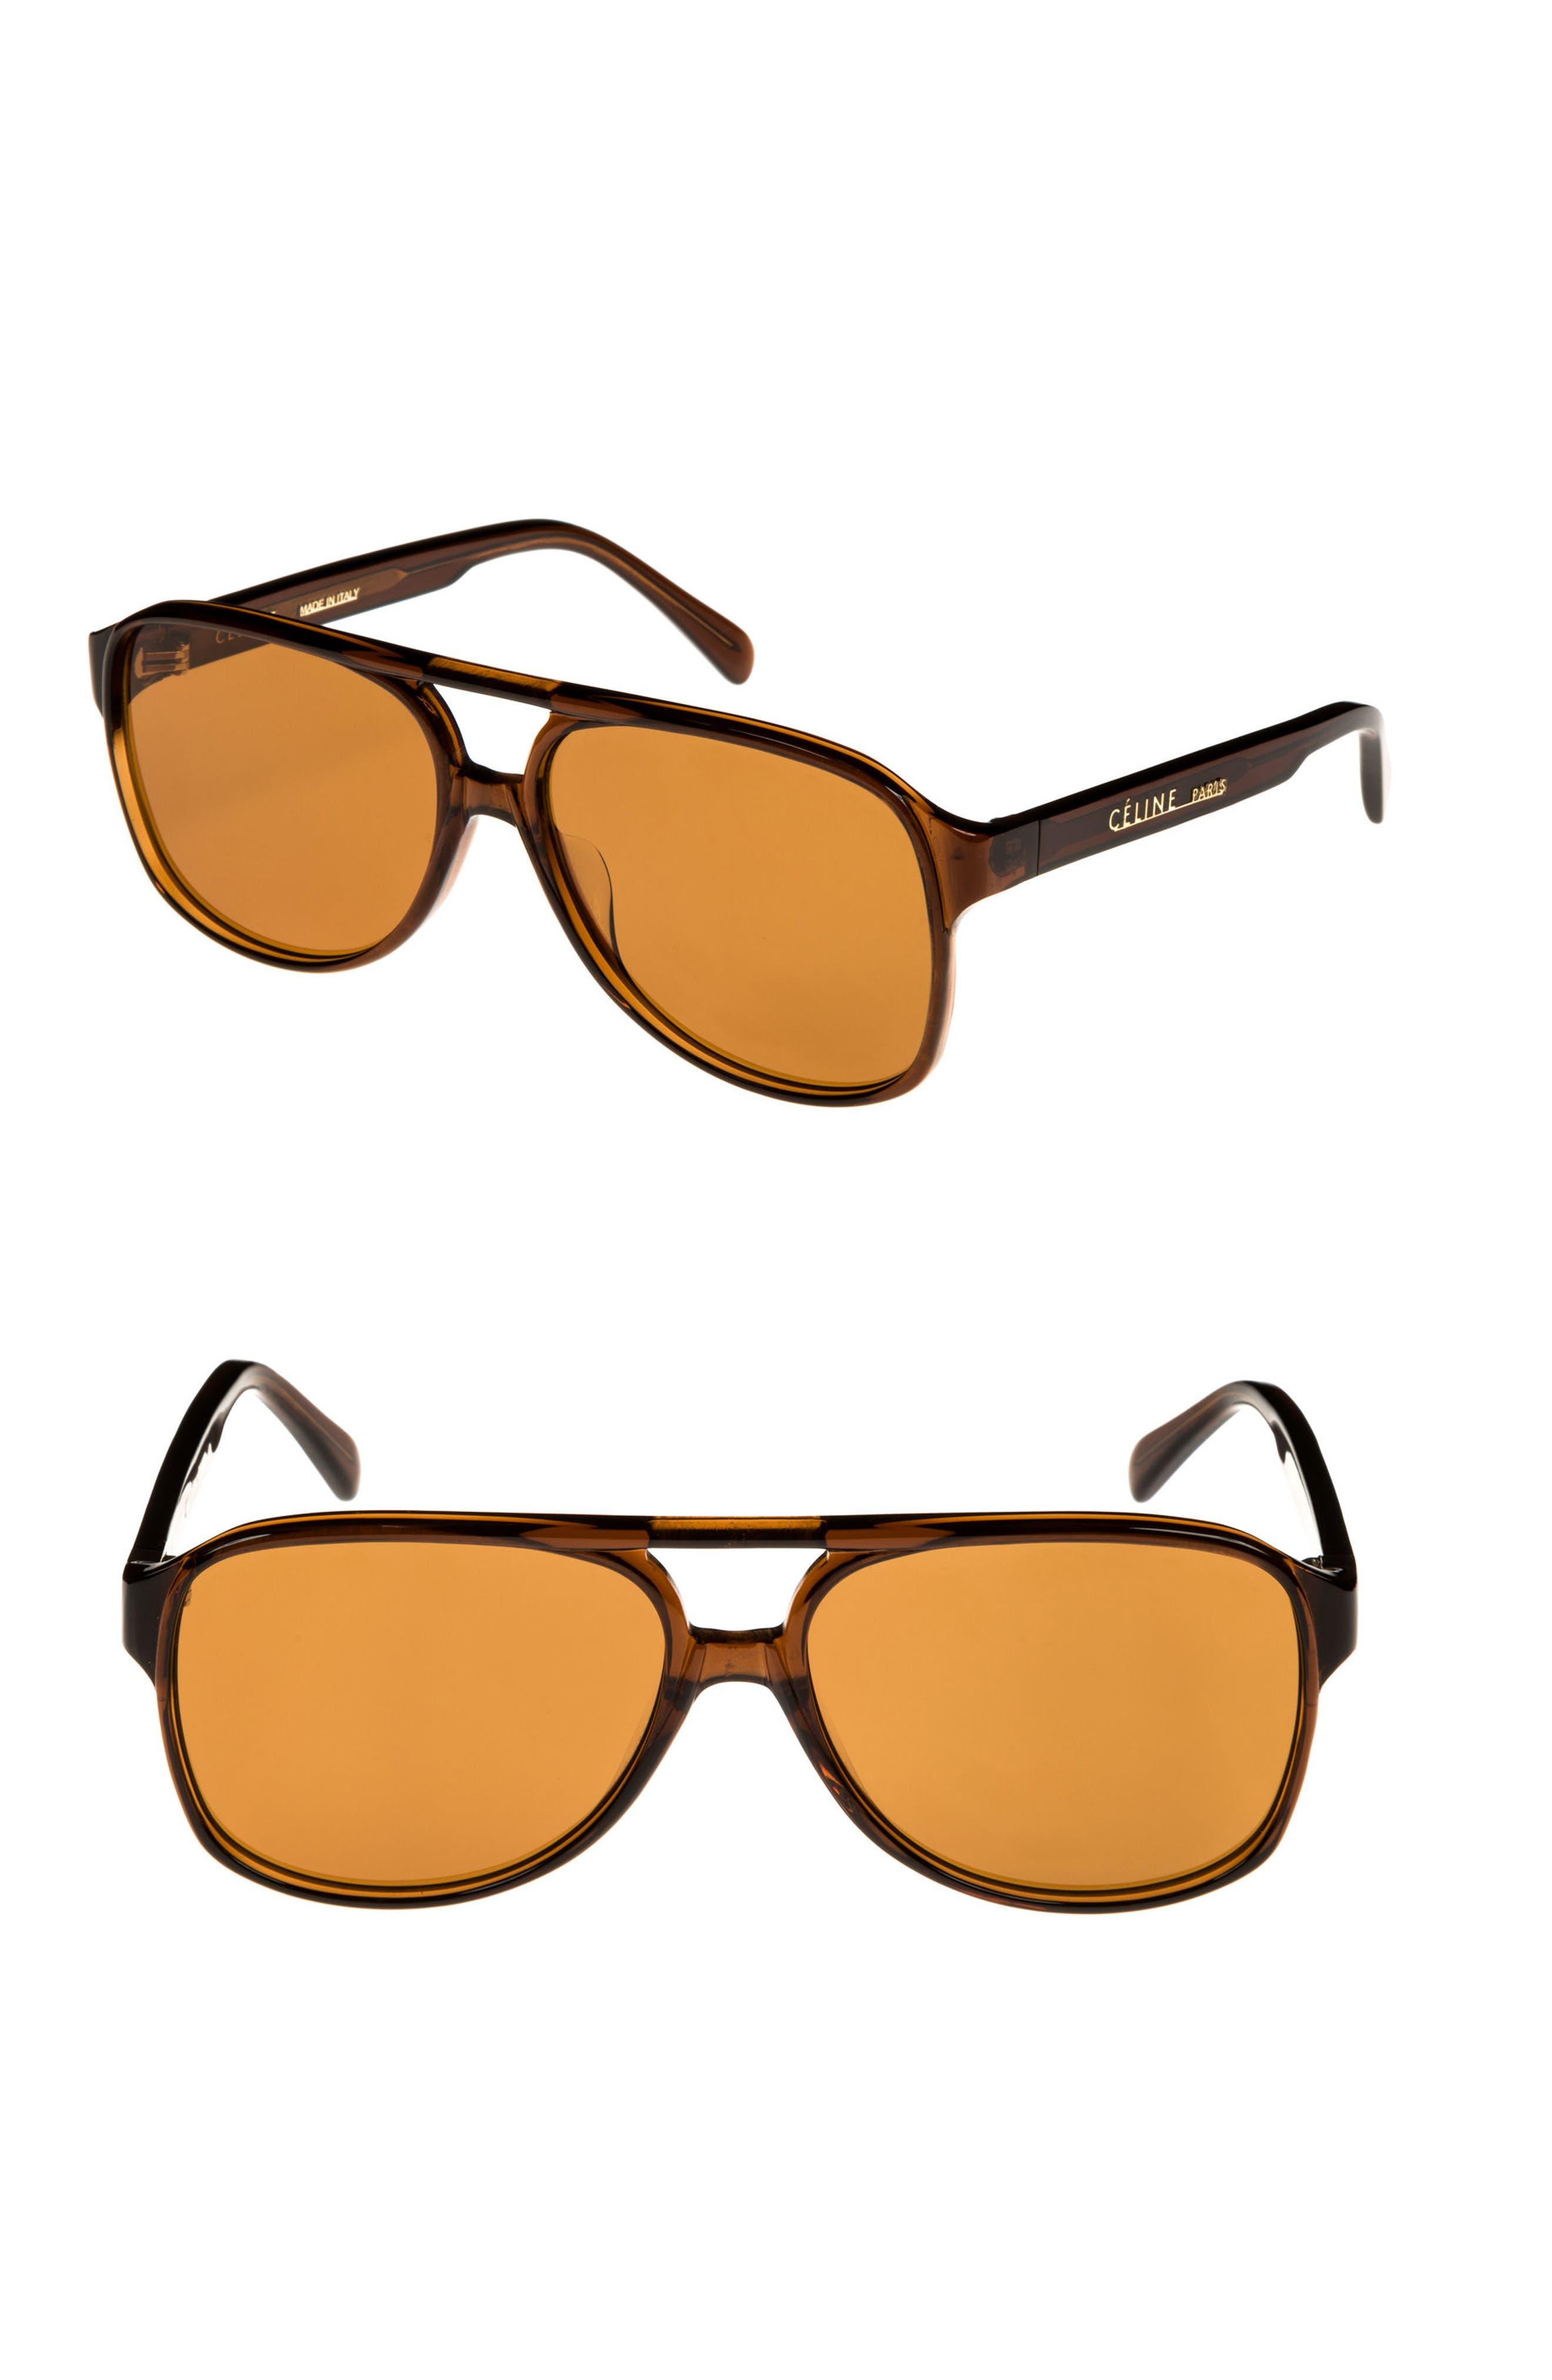 Alternate Image 1 Selected - Céline 62mm Oversize Aviator Sunglasses